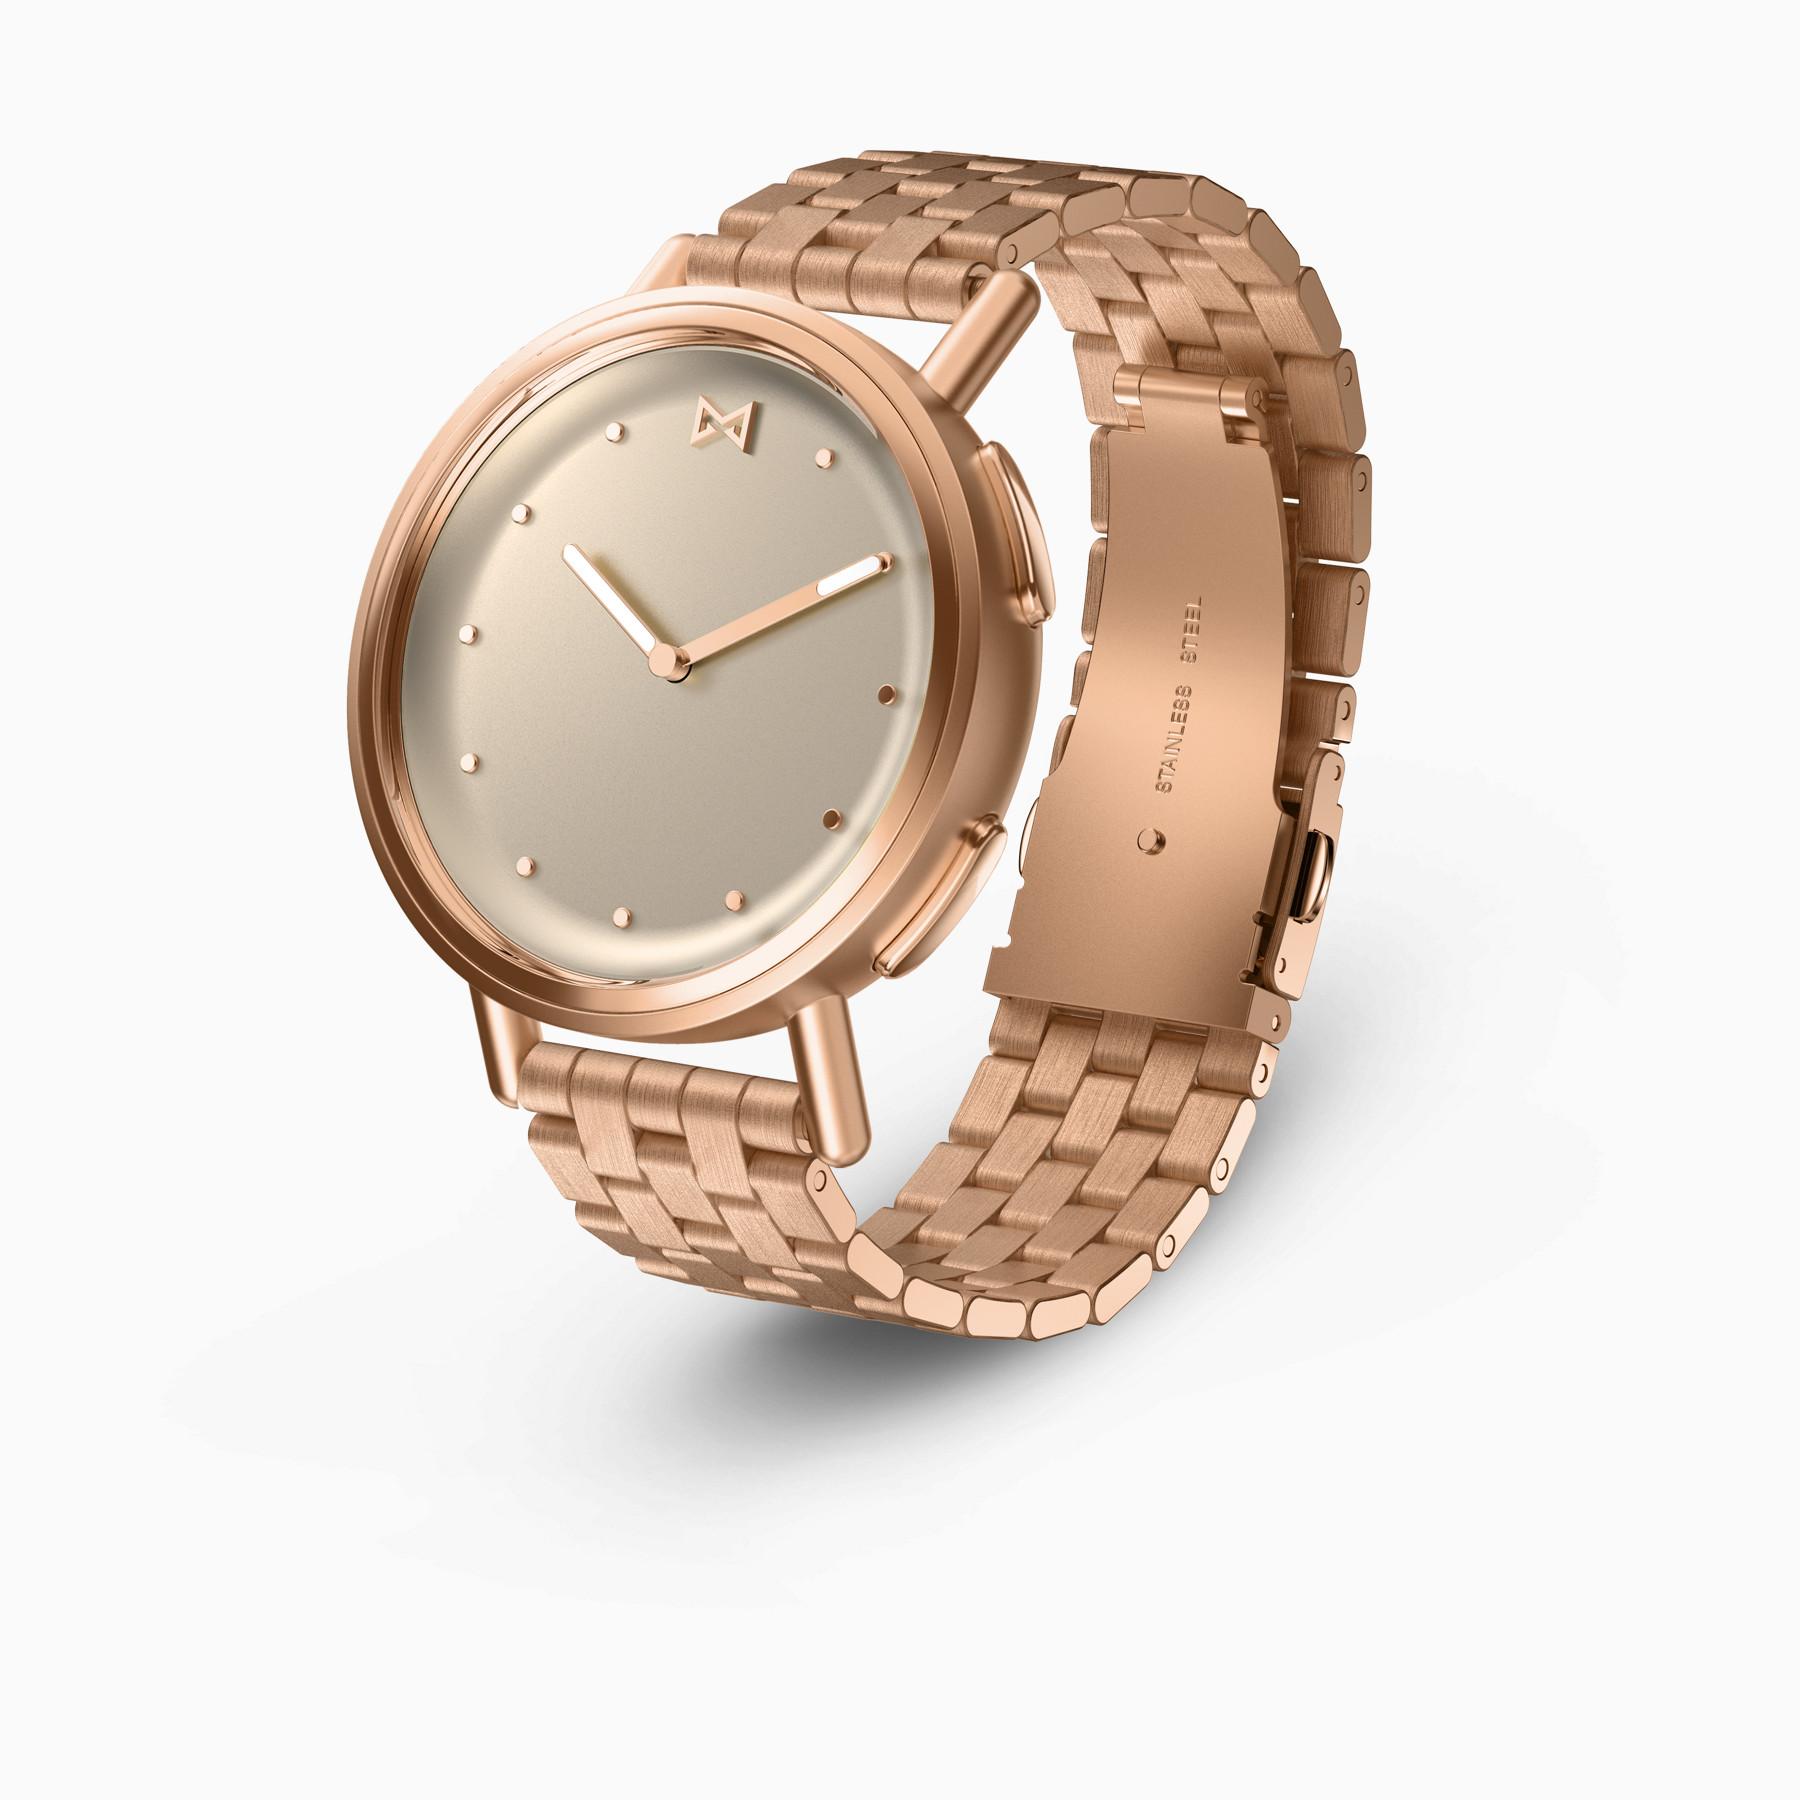 Misfit Path Hybrid Smartwatch (Rose Gold on Bracelet)